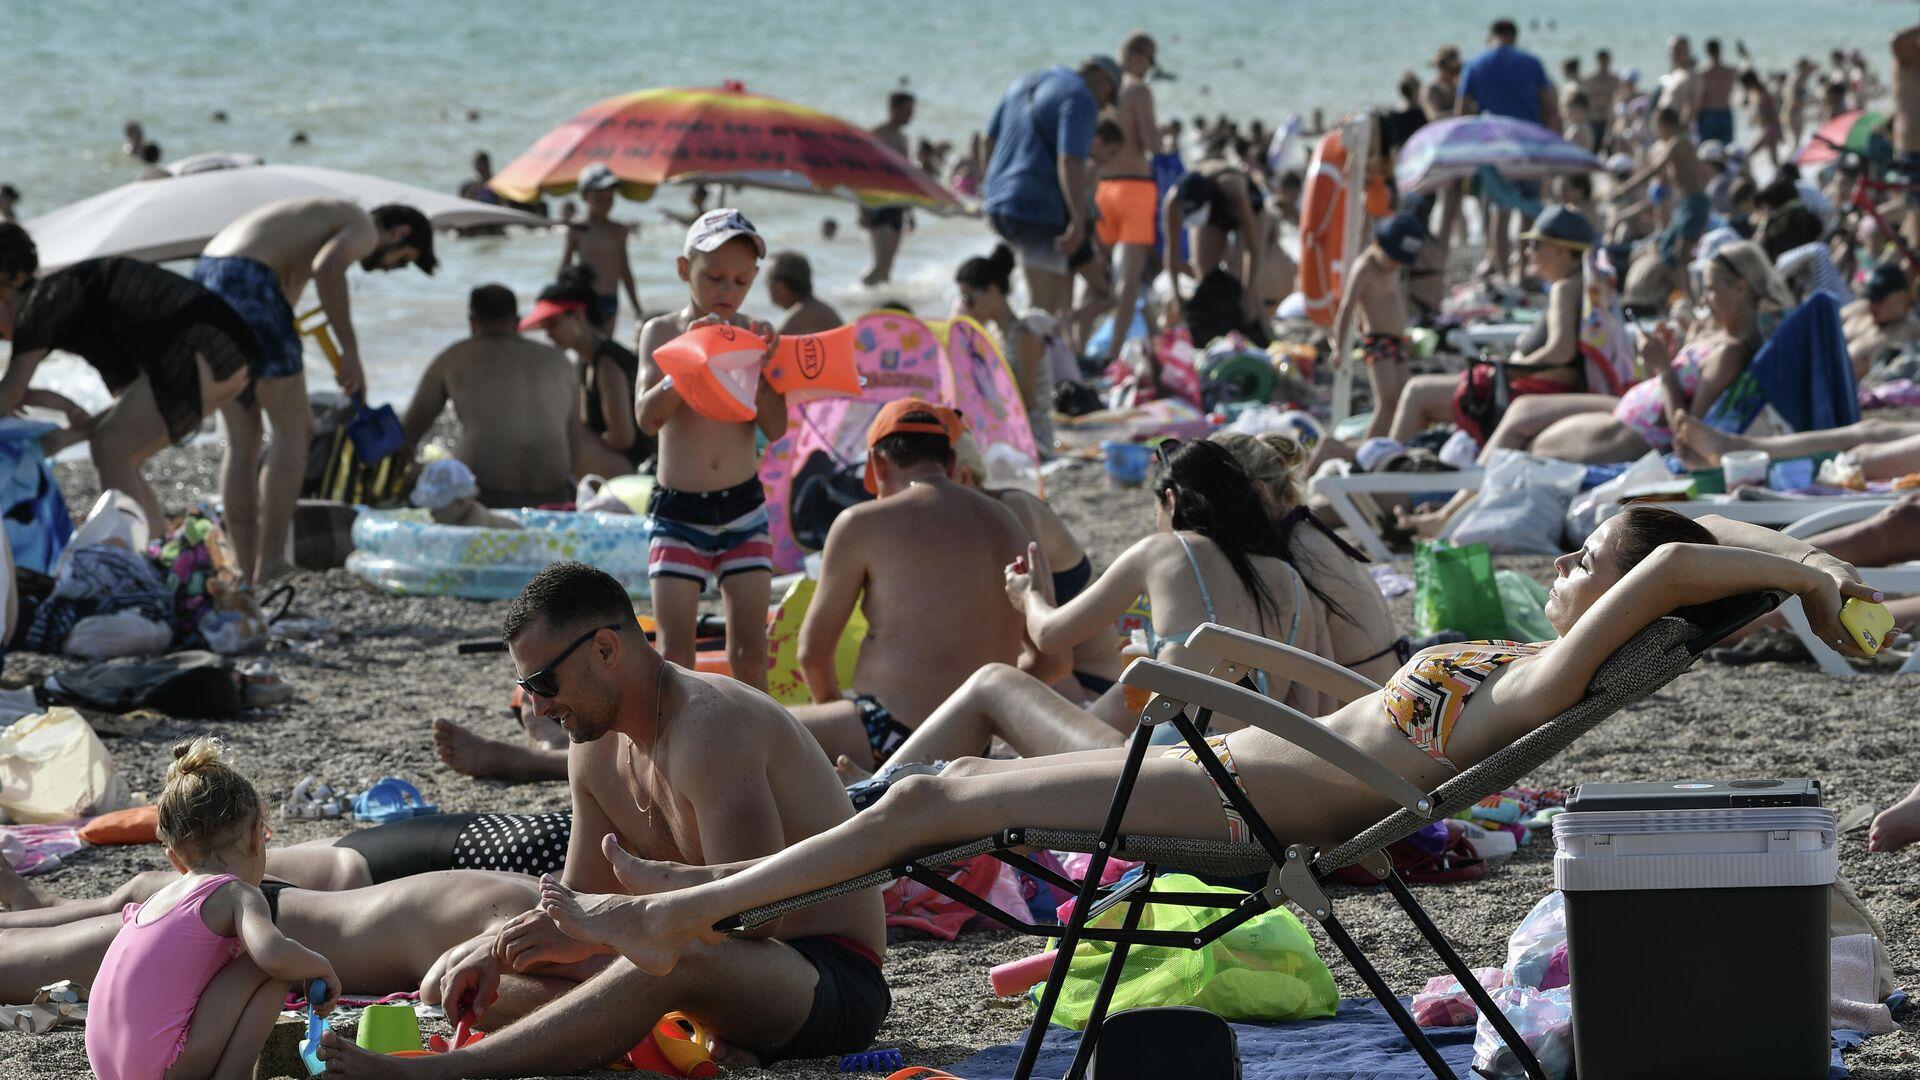 Отдыхающие на пляже в поселке Нефедовка в Крыму - РИА Новости, 1920, 12.07.2021